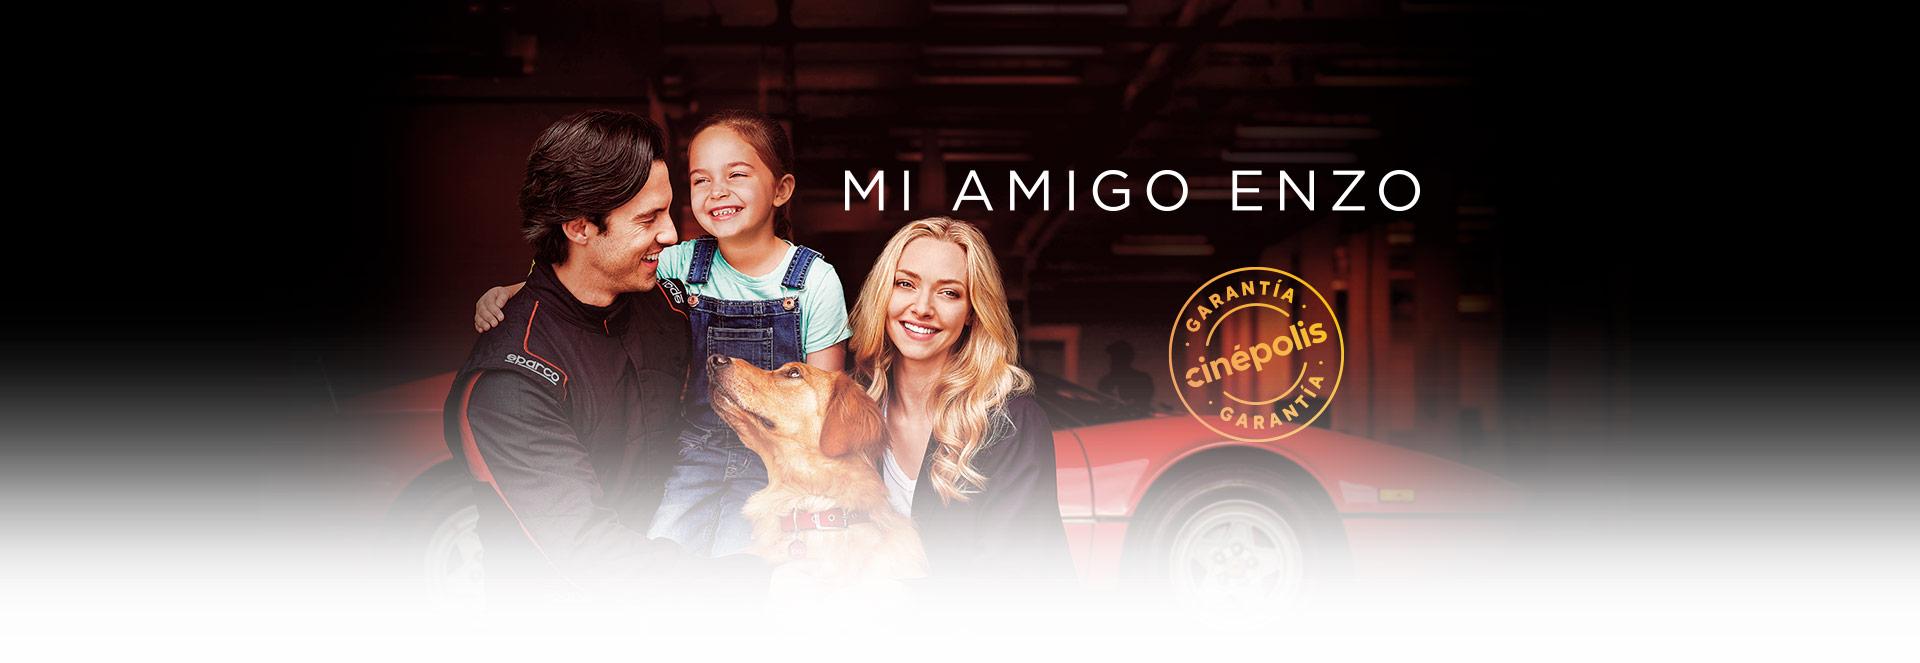 Banner Mi amigo Enzo | Garantía Cinépolis